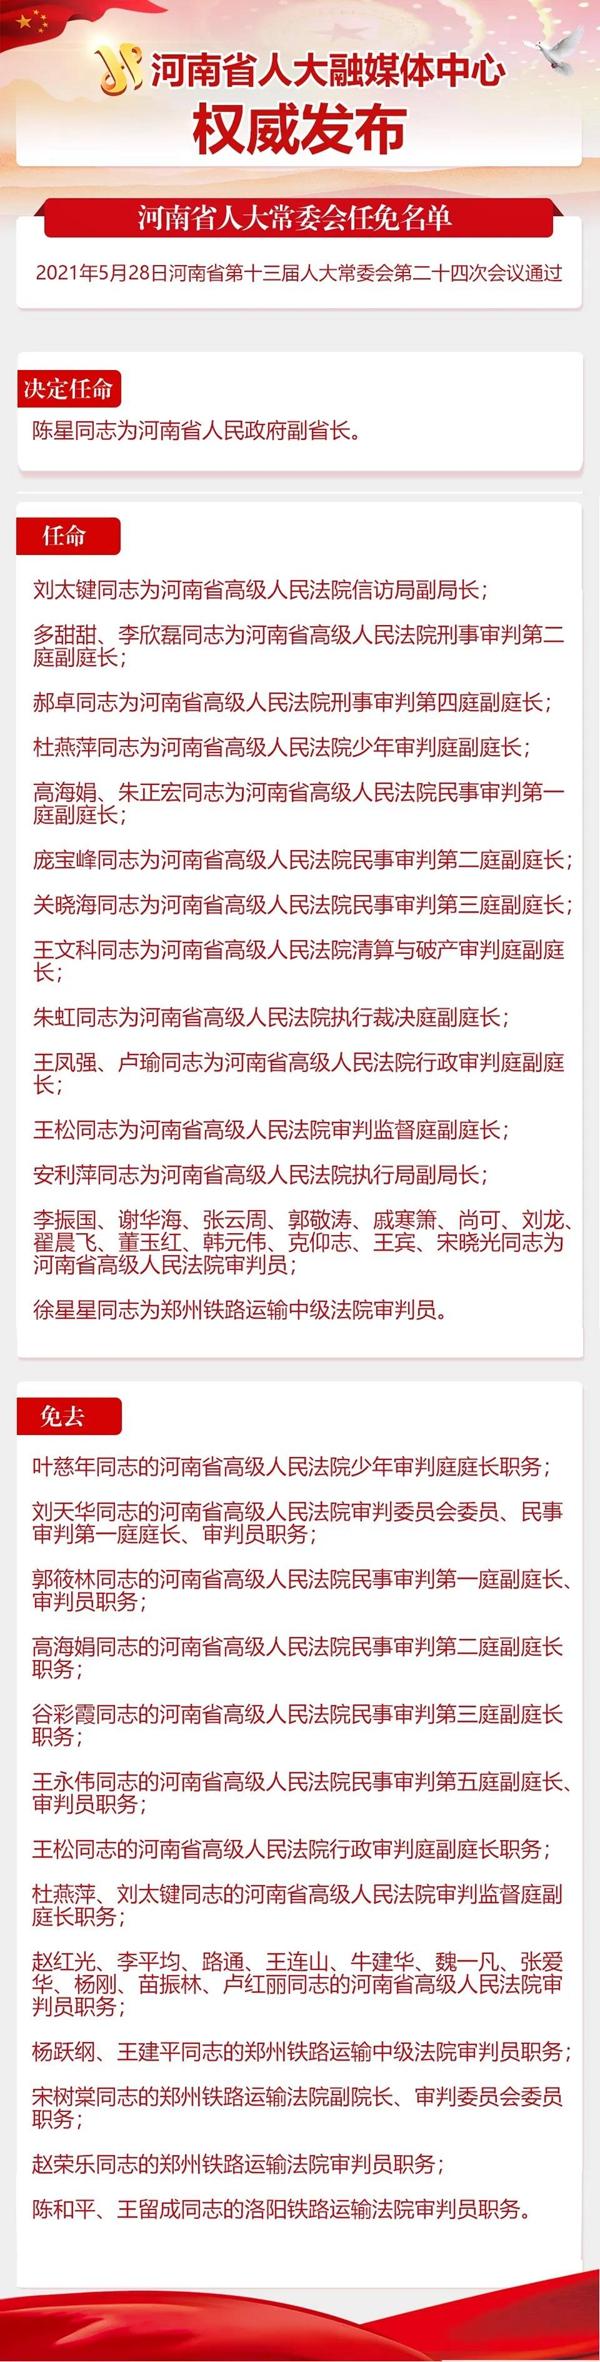 陈星任河南省副省长